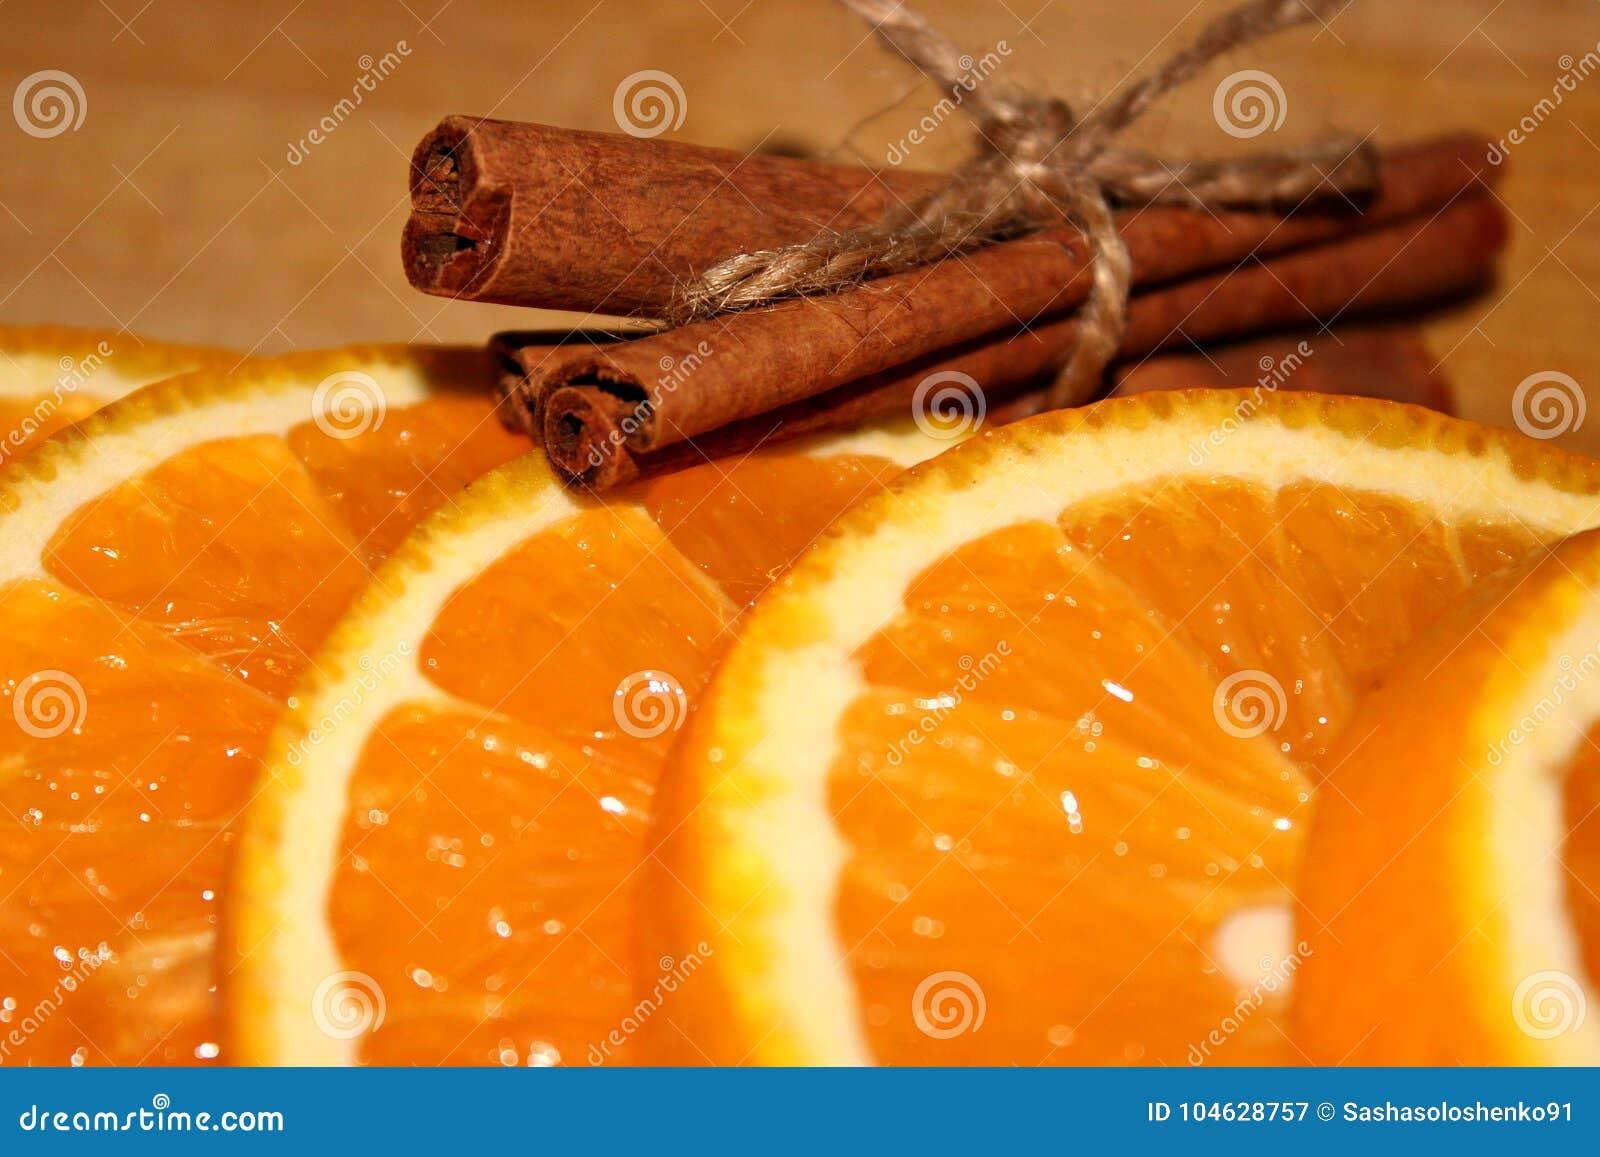 Download Sinaasappel Met Kaneel Dichte Omhooggaand Stock Afbeelding - Afbeelding bestaande uit citrusvrucht, gezond: 104628757